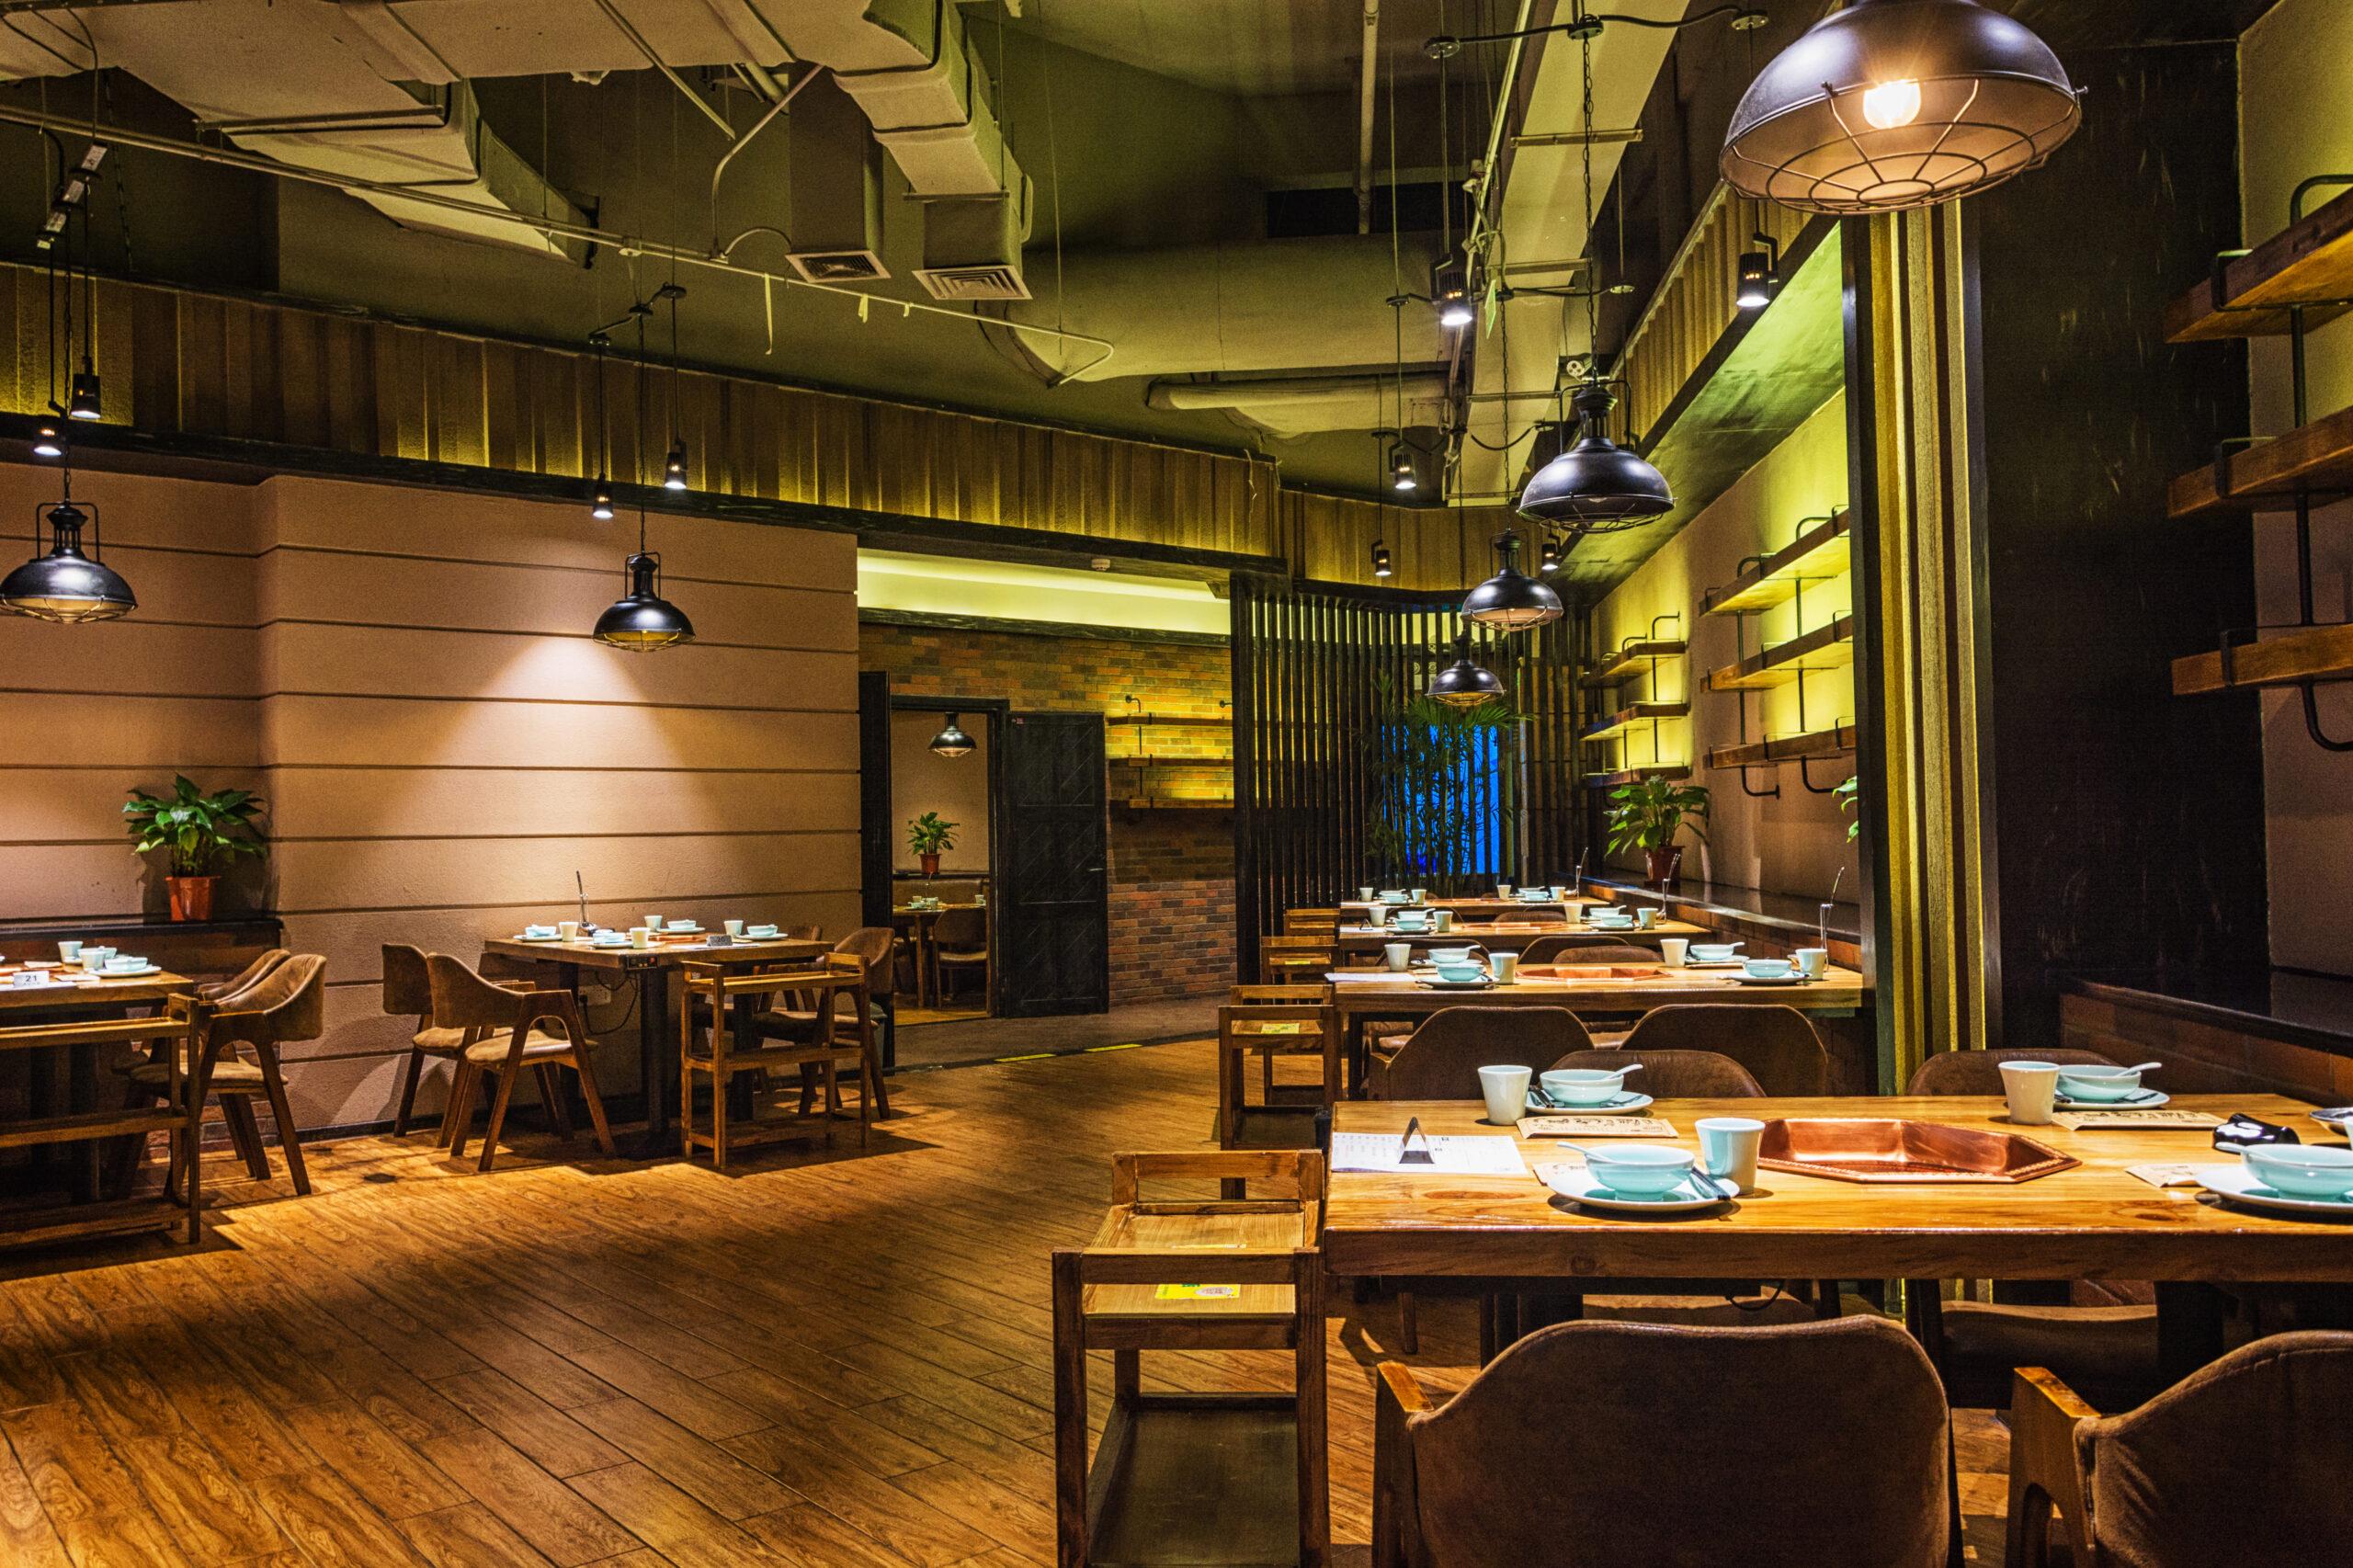 Cách bố trí nội thất nhà hàng, quán ăn theo đúng quy chuẩn phong thủy